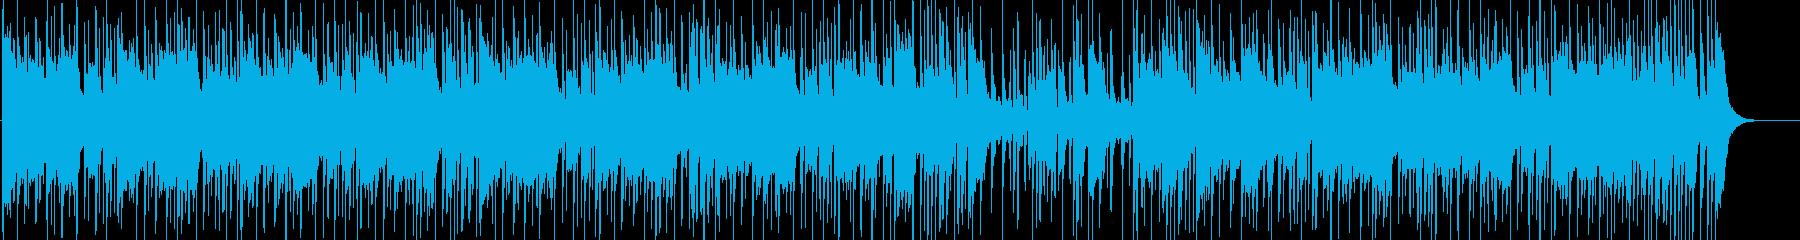 都会的で淡々としたおしゃれなソウル音楽の再生済みの波形